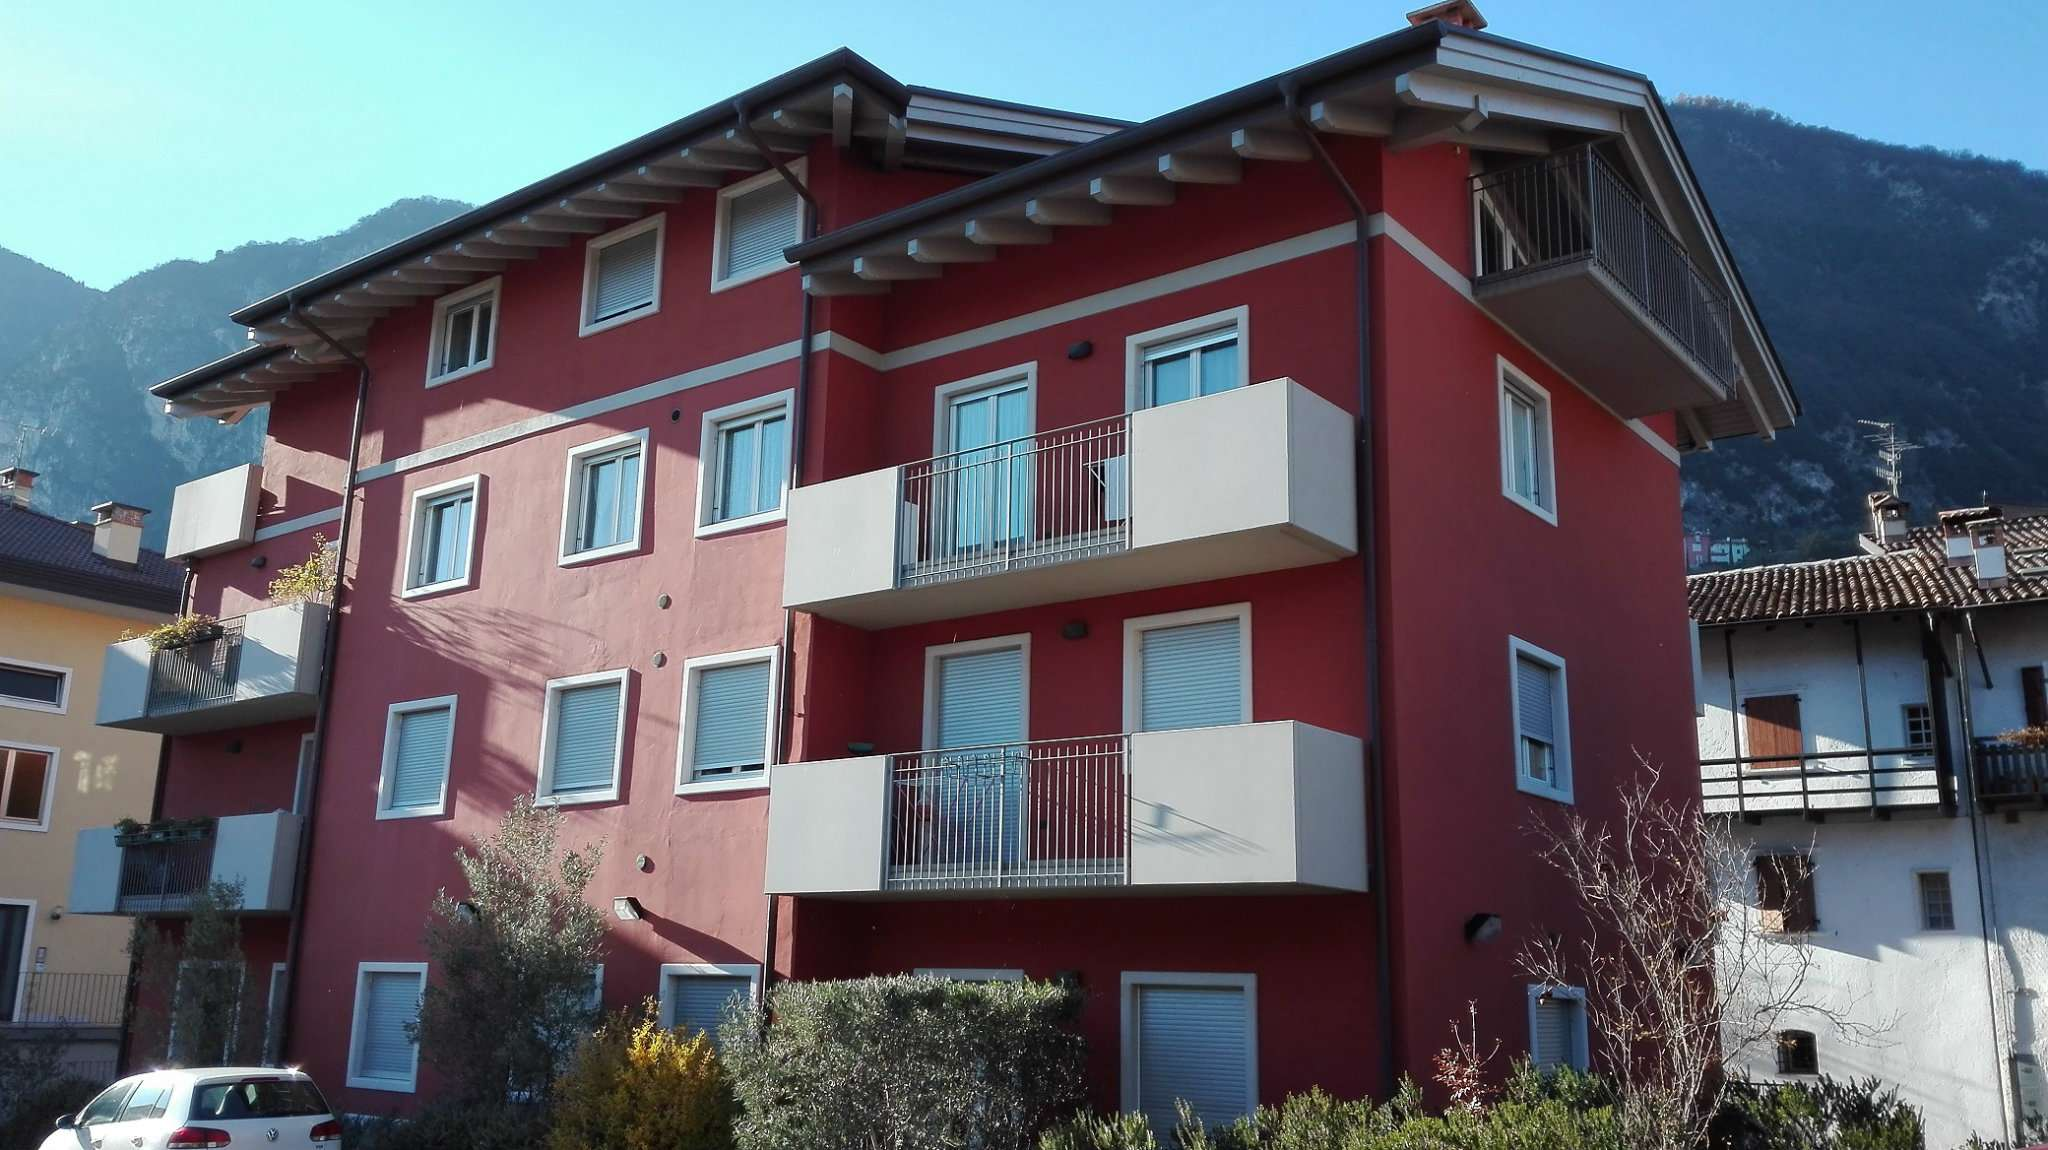 Appartamenti in vendita a riva del garda for Case in vendita riva del garda